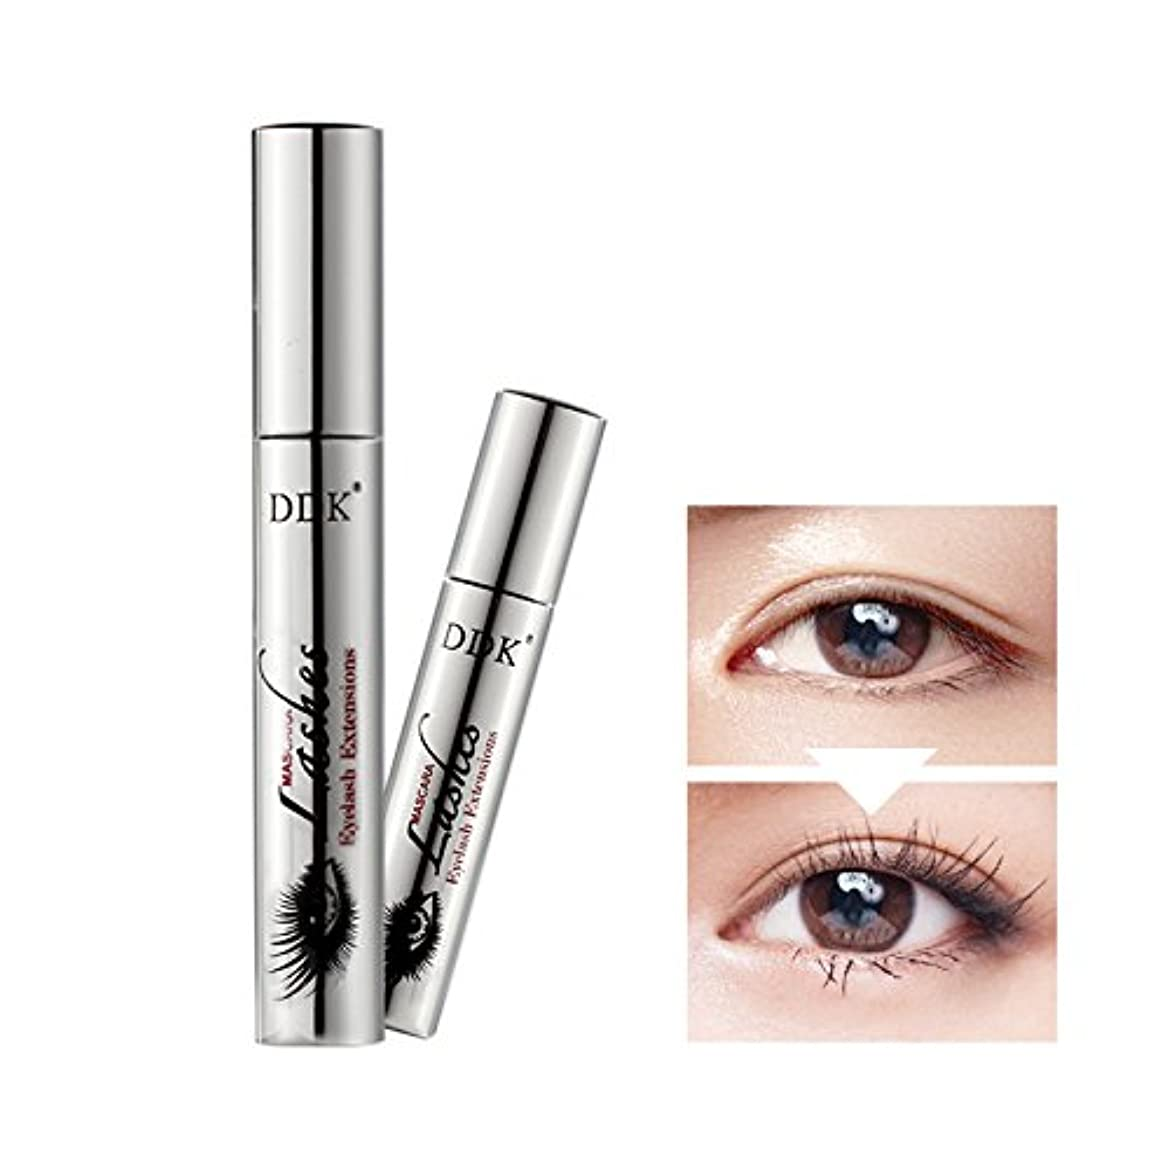 一致する夕方認知Beautygram DDK 4D MASCARA 4D マスカラ Long Extension Amazing Eyelash ロング エクステンション アメージング まつ毛 [並行輸入品]